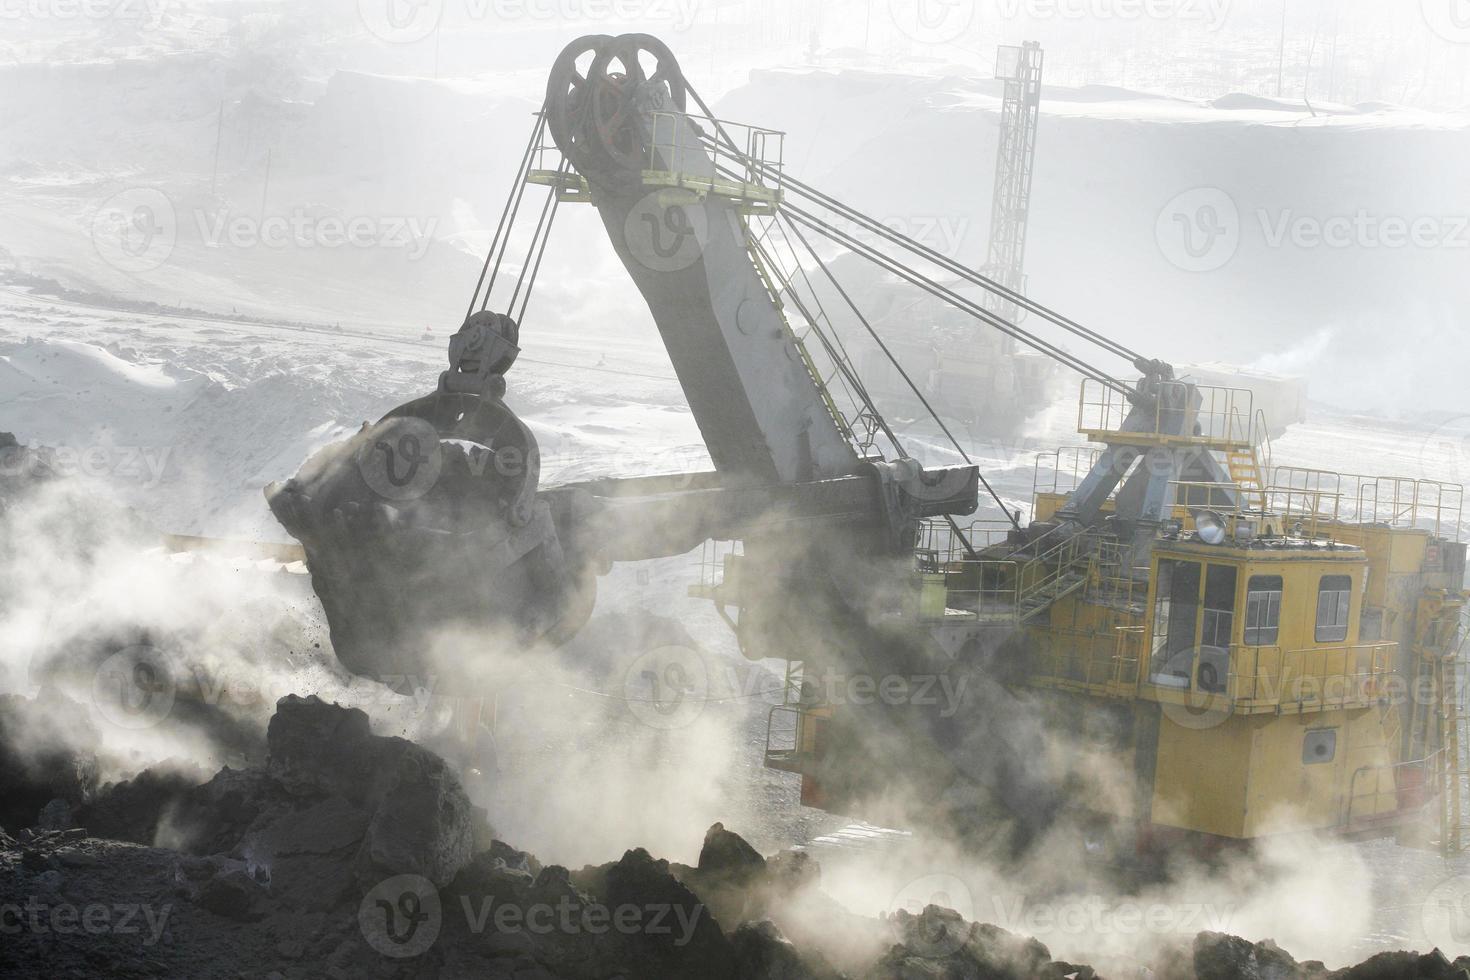 escavadeira de mina no trabalho foto